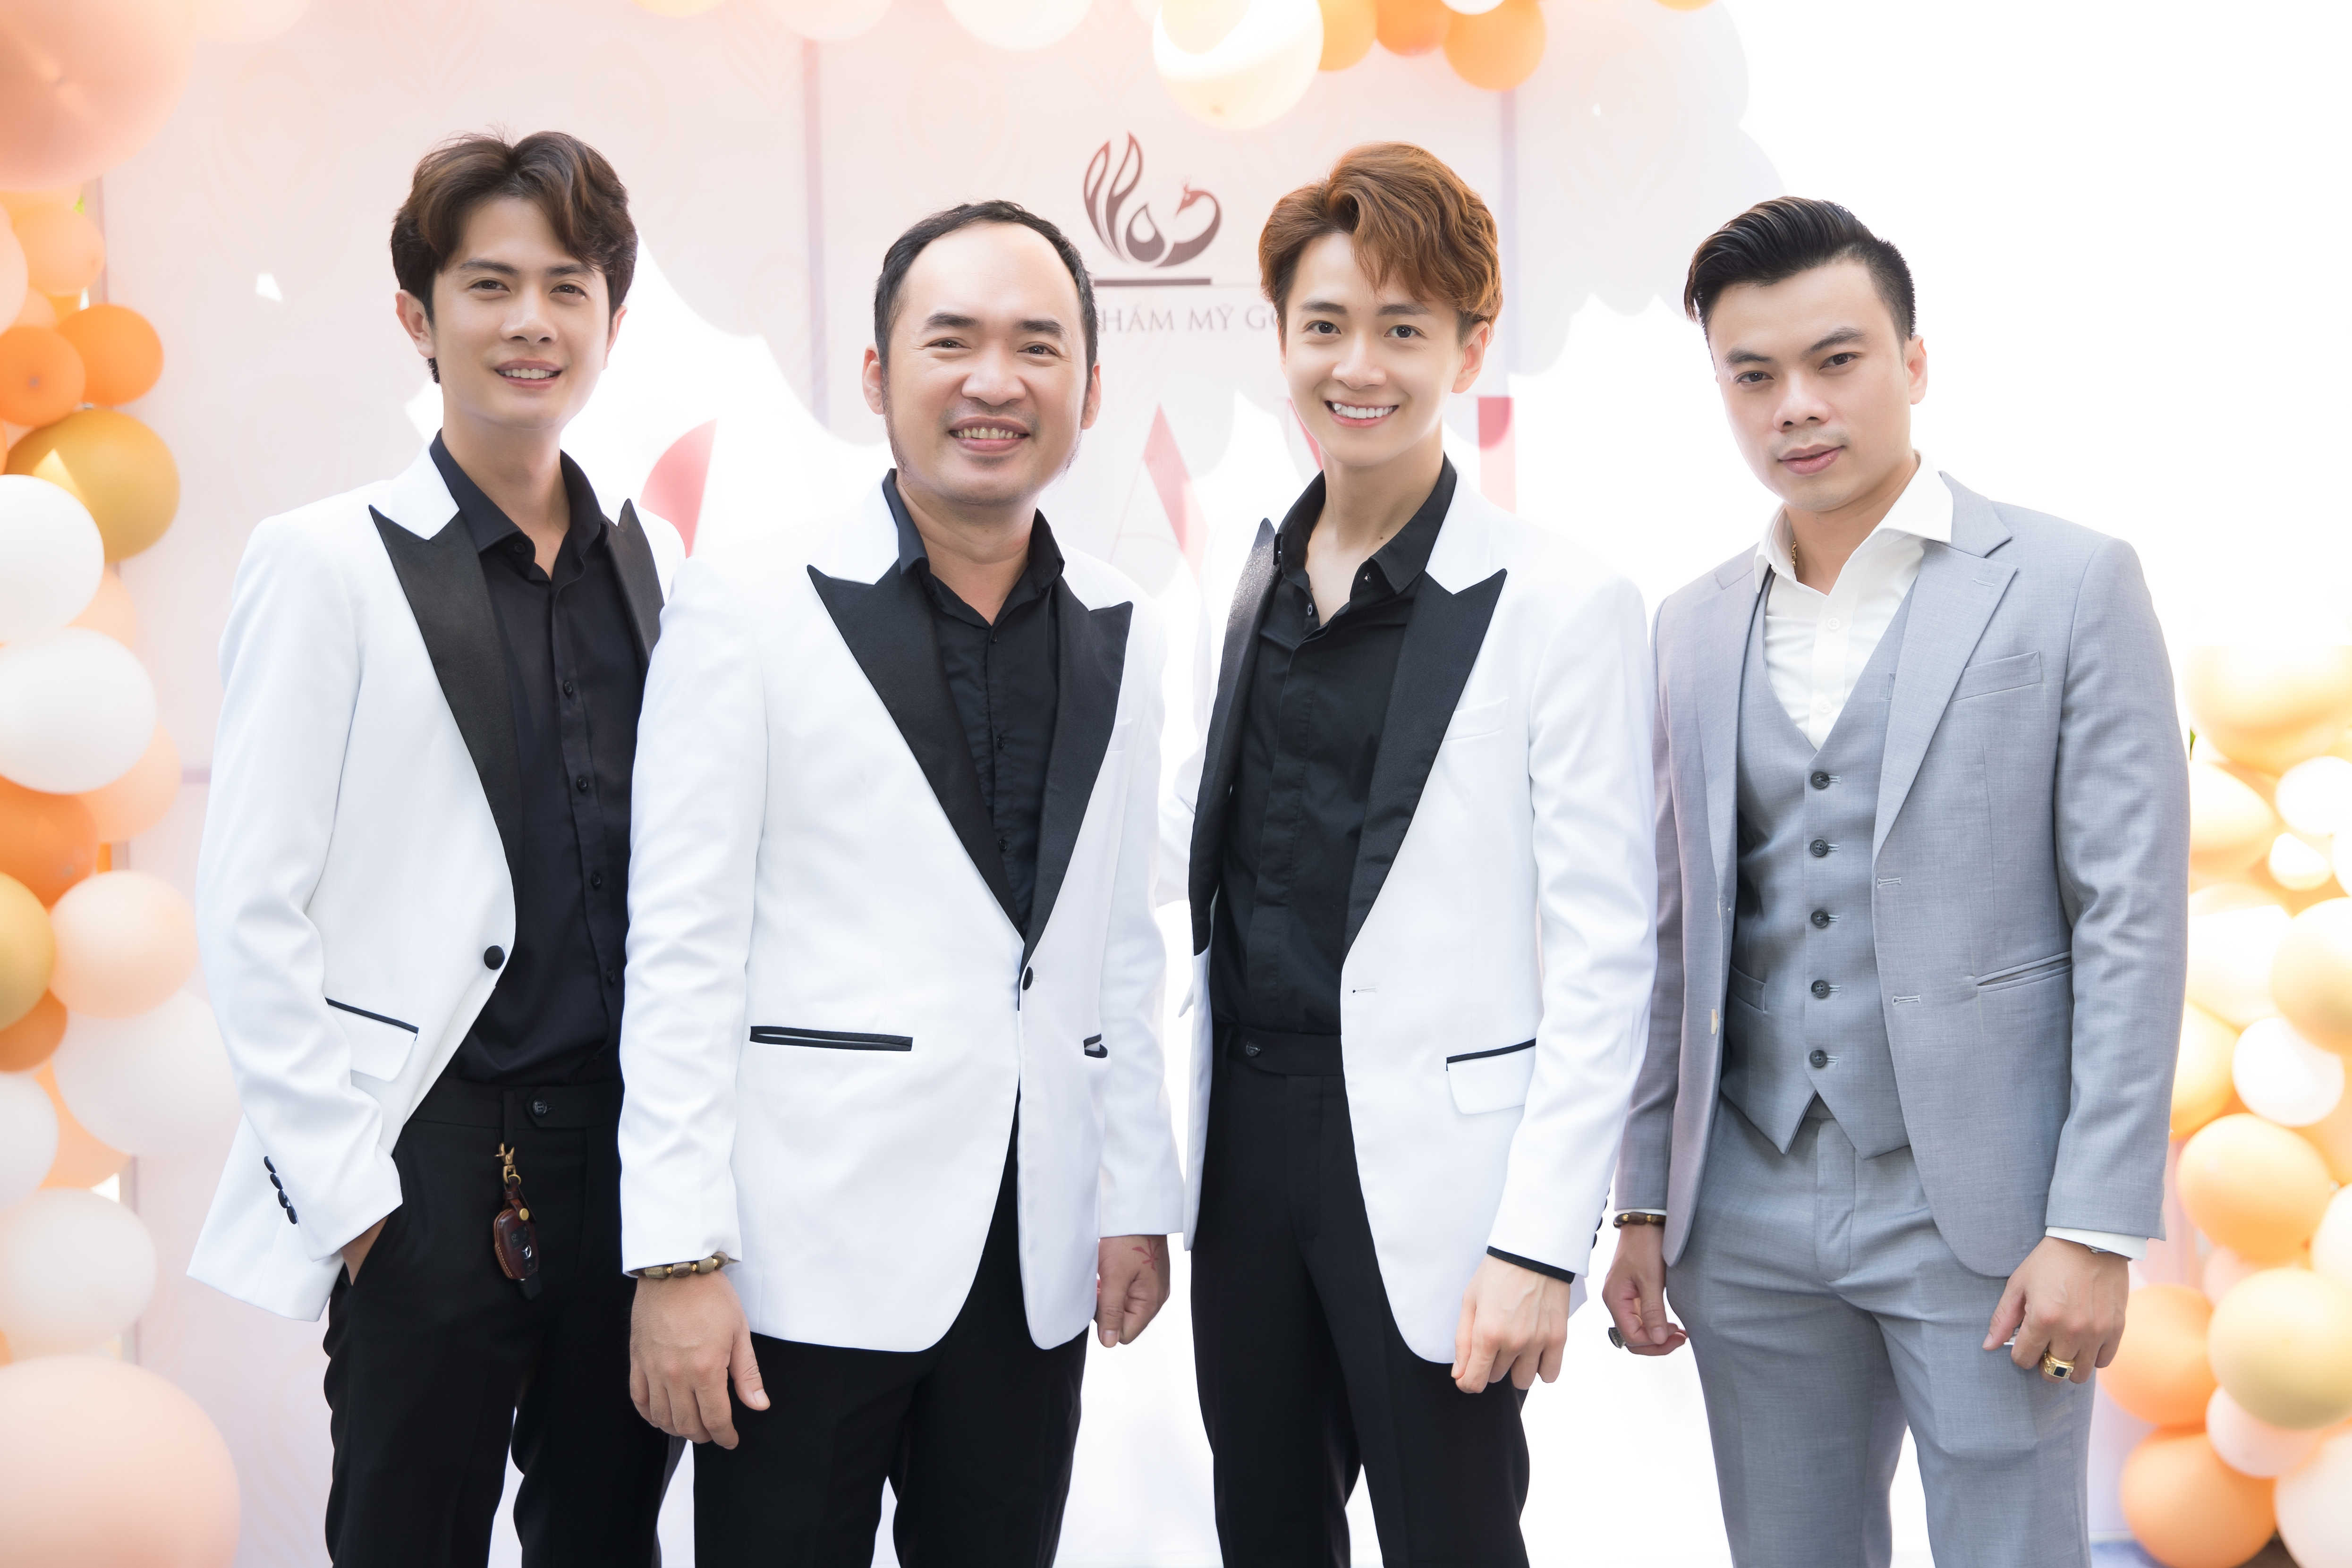 Ngô Kiến Huy, Tiến Luật, Huỳnh Phương bắt tay cùng mở viện thẩm mỹ